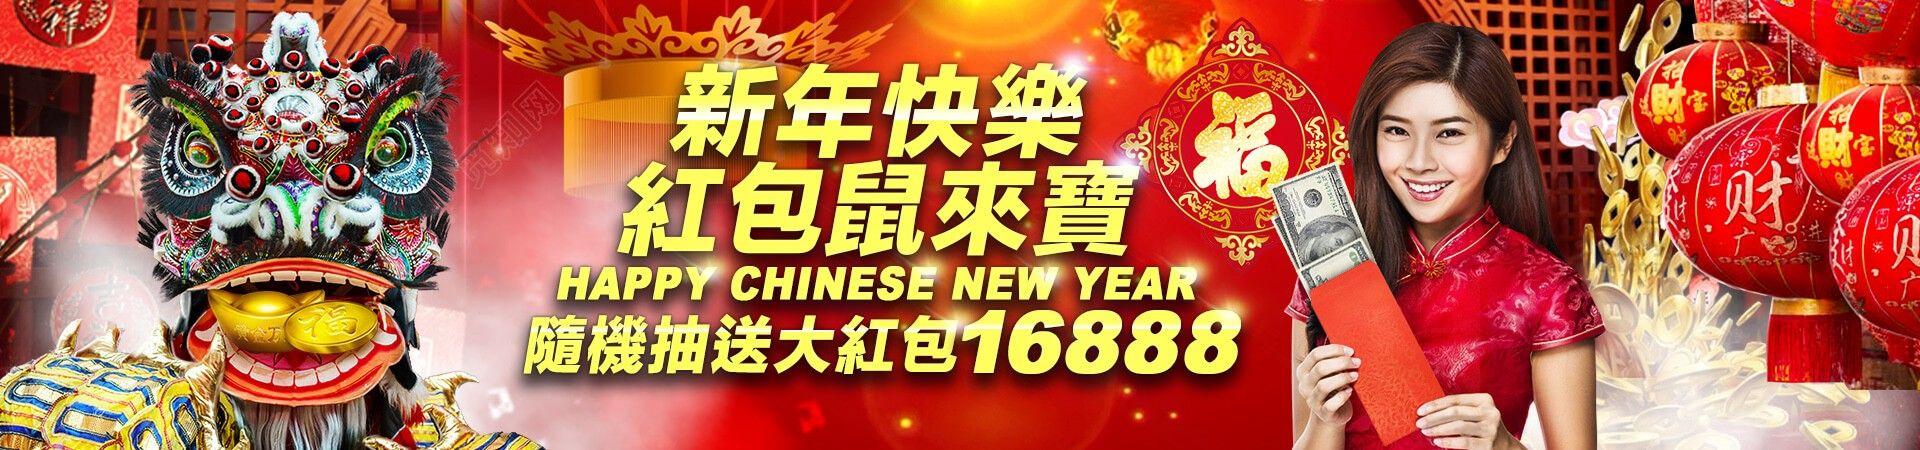 娛樂城新年快樂,鼠年紅包鼠來寶!